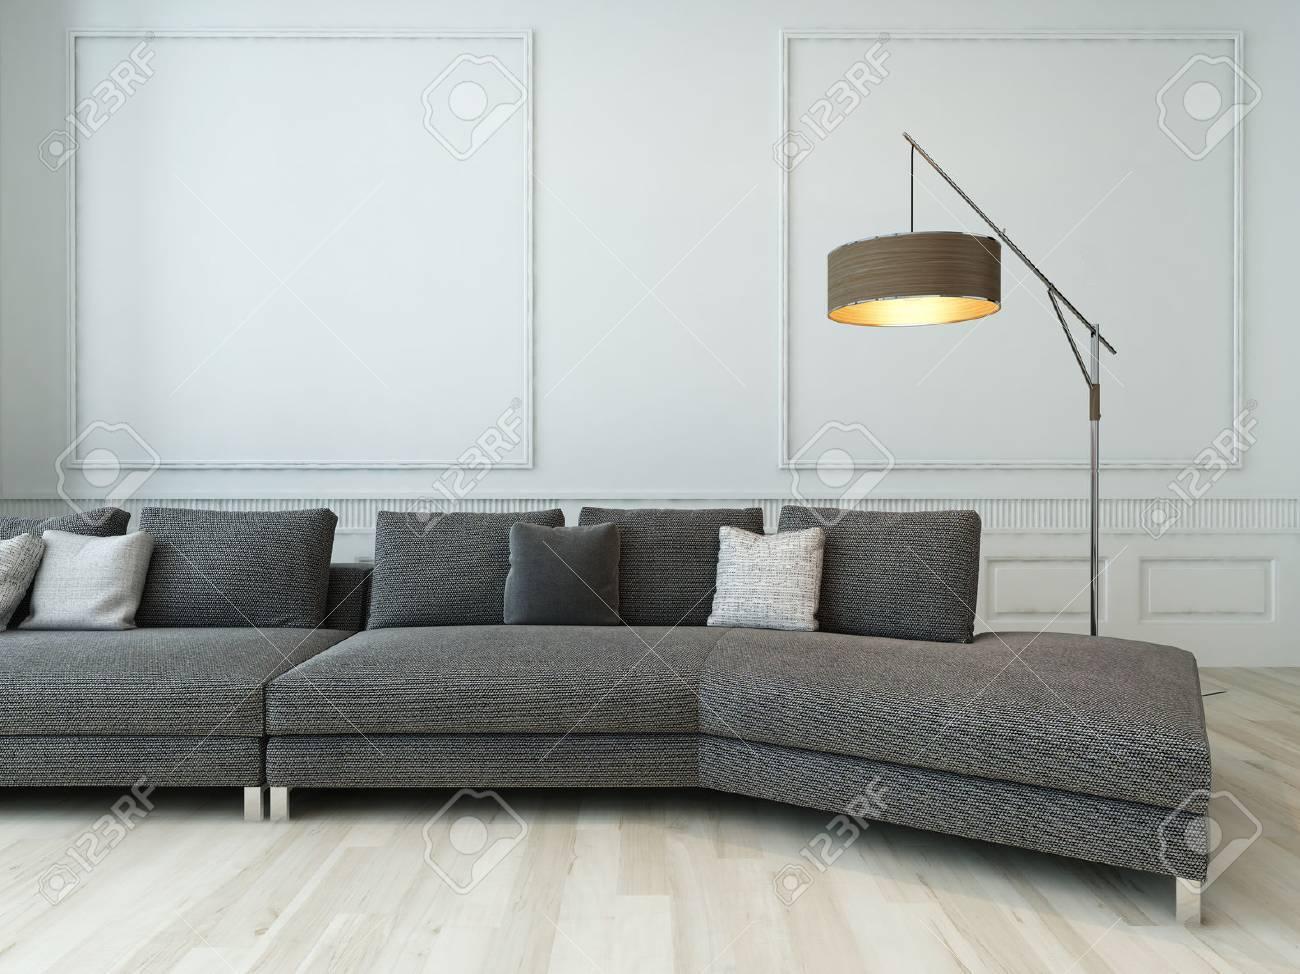 Gris debout canapé devant un mur blanc de style baroque avec lampadaire